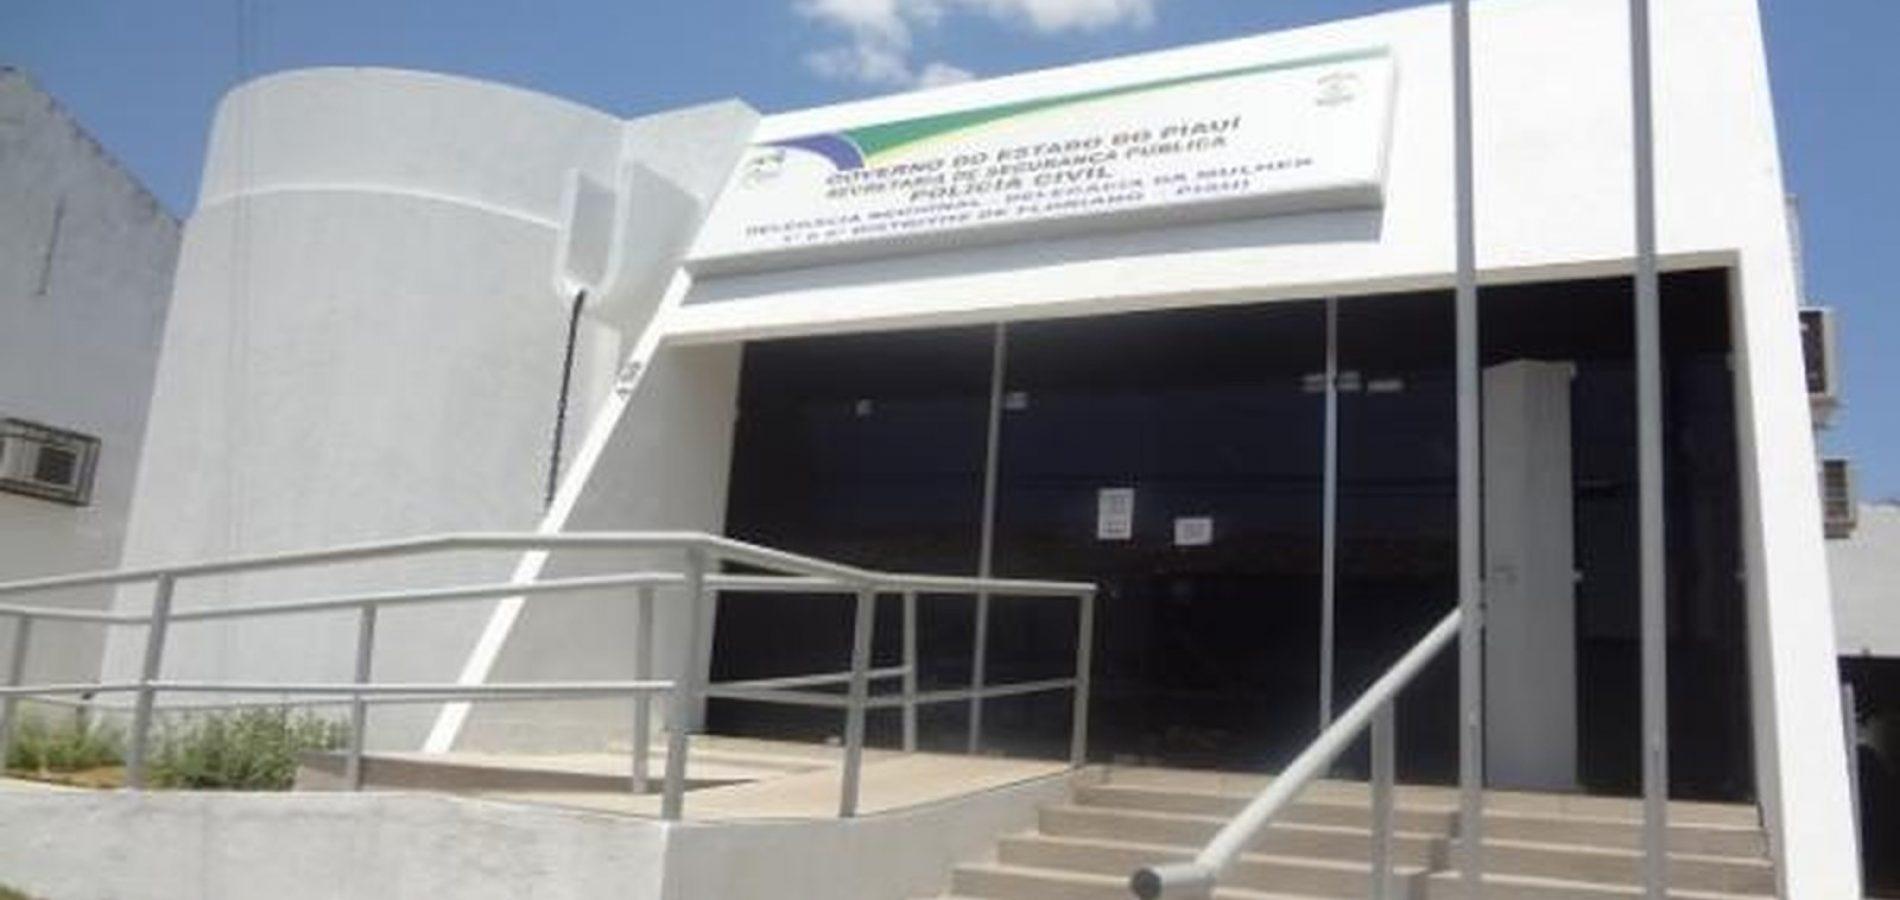 Polícia Civil investiga morte de idosa por asfixia em Floriano